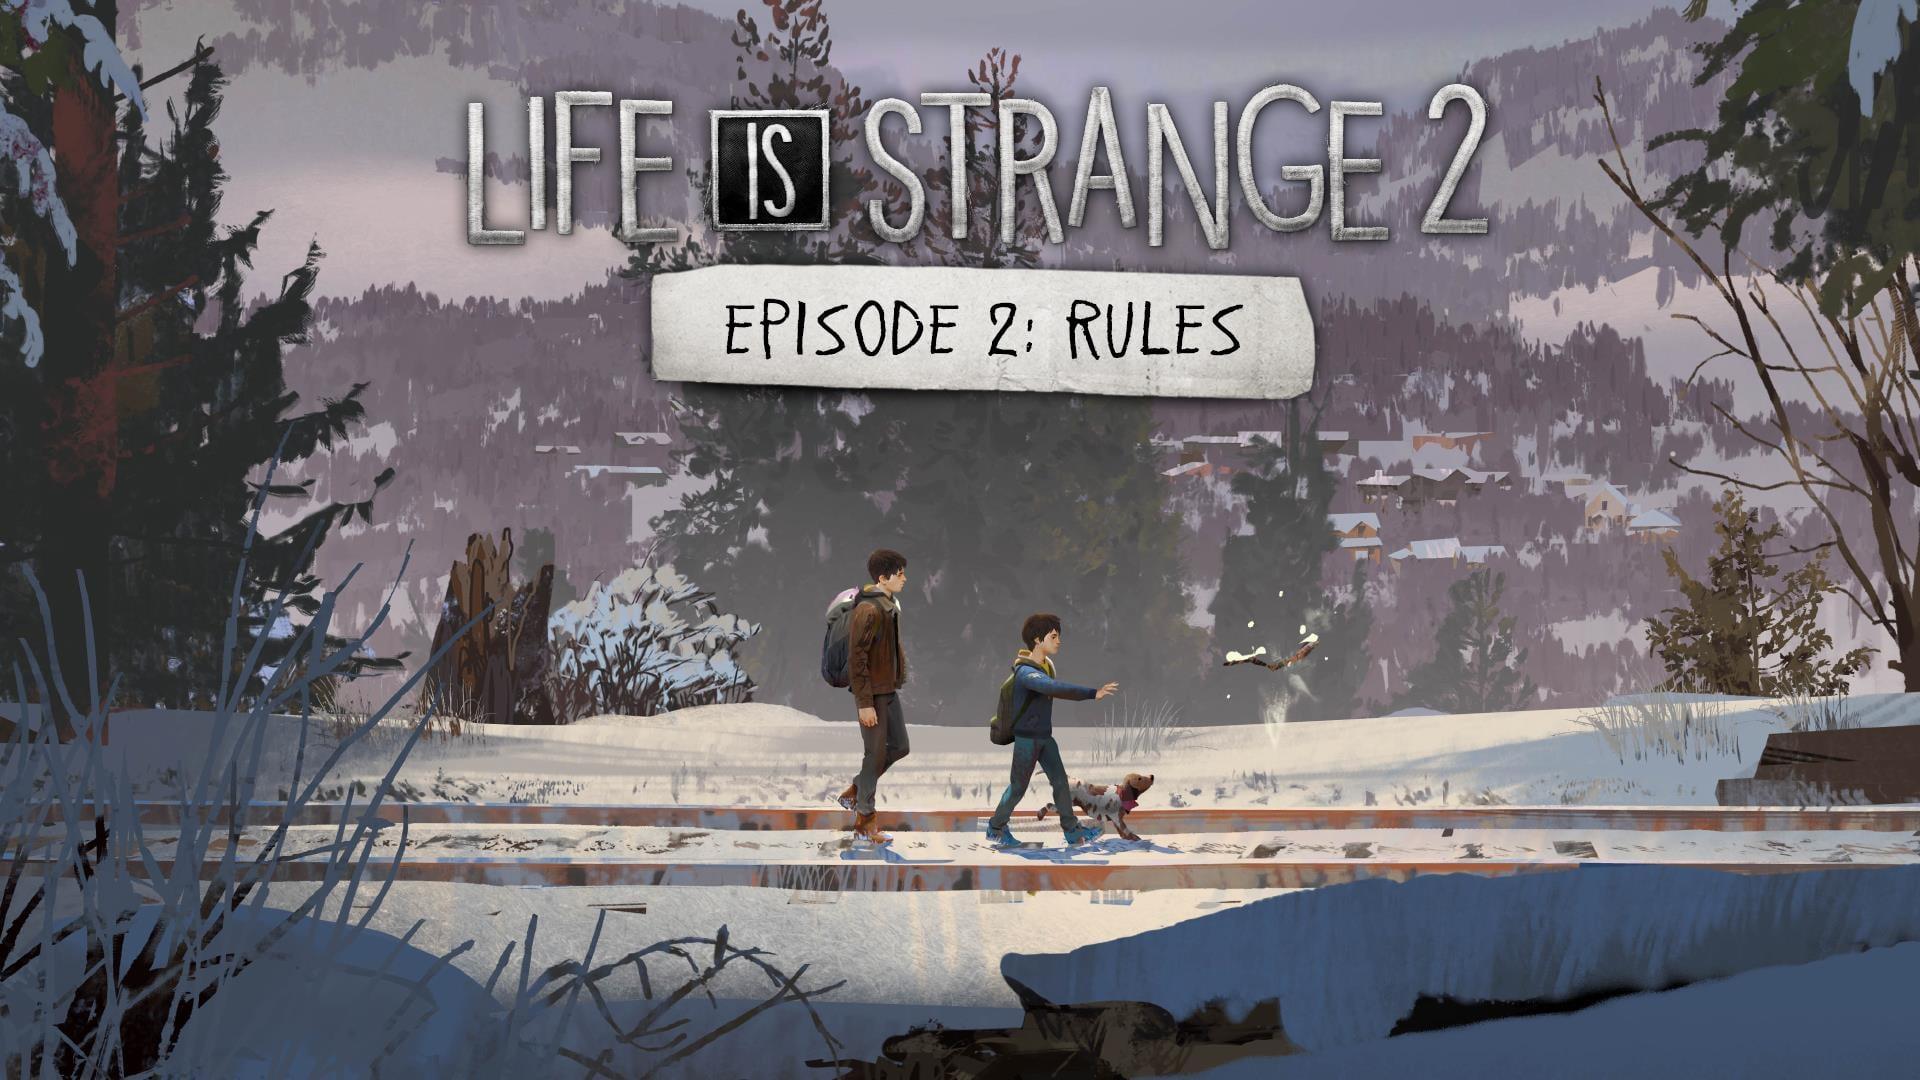 L'episodio 2 di Life is Strange 2 è disponibile